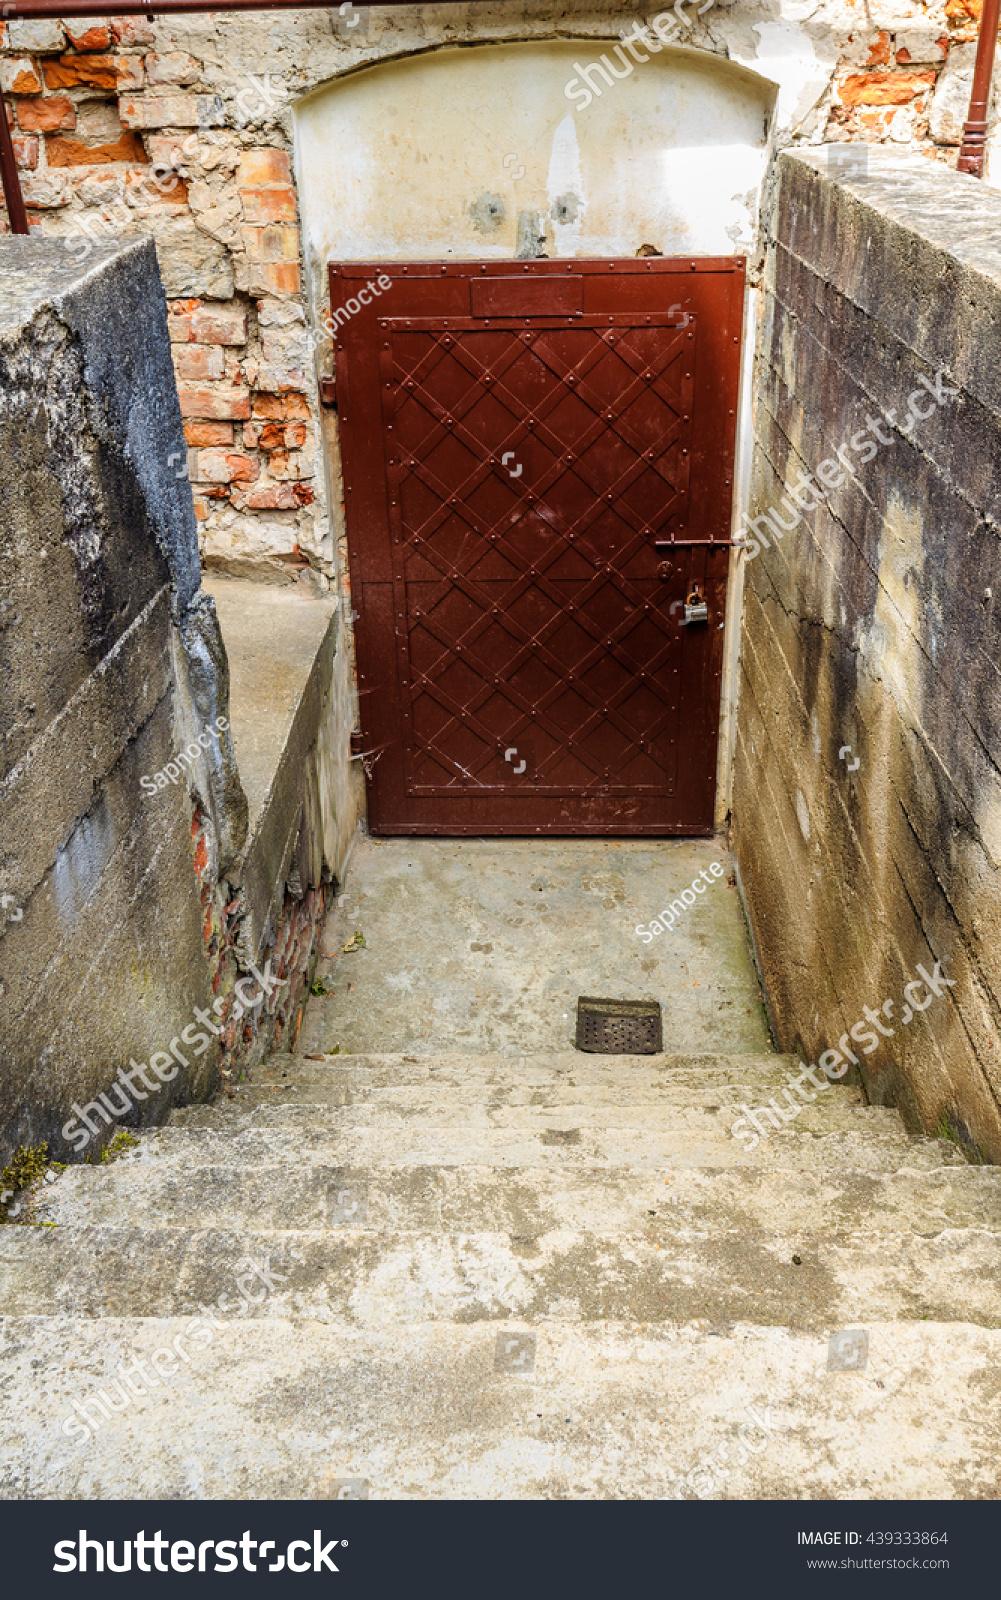 Old Metal Basement Door